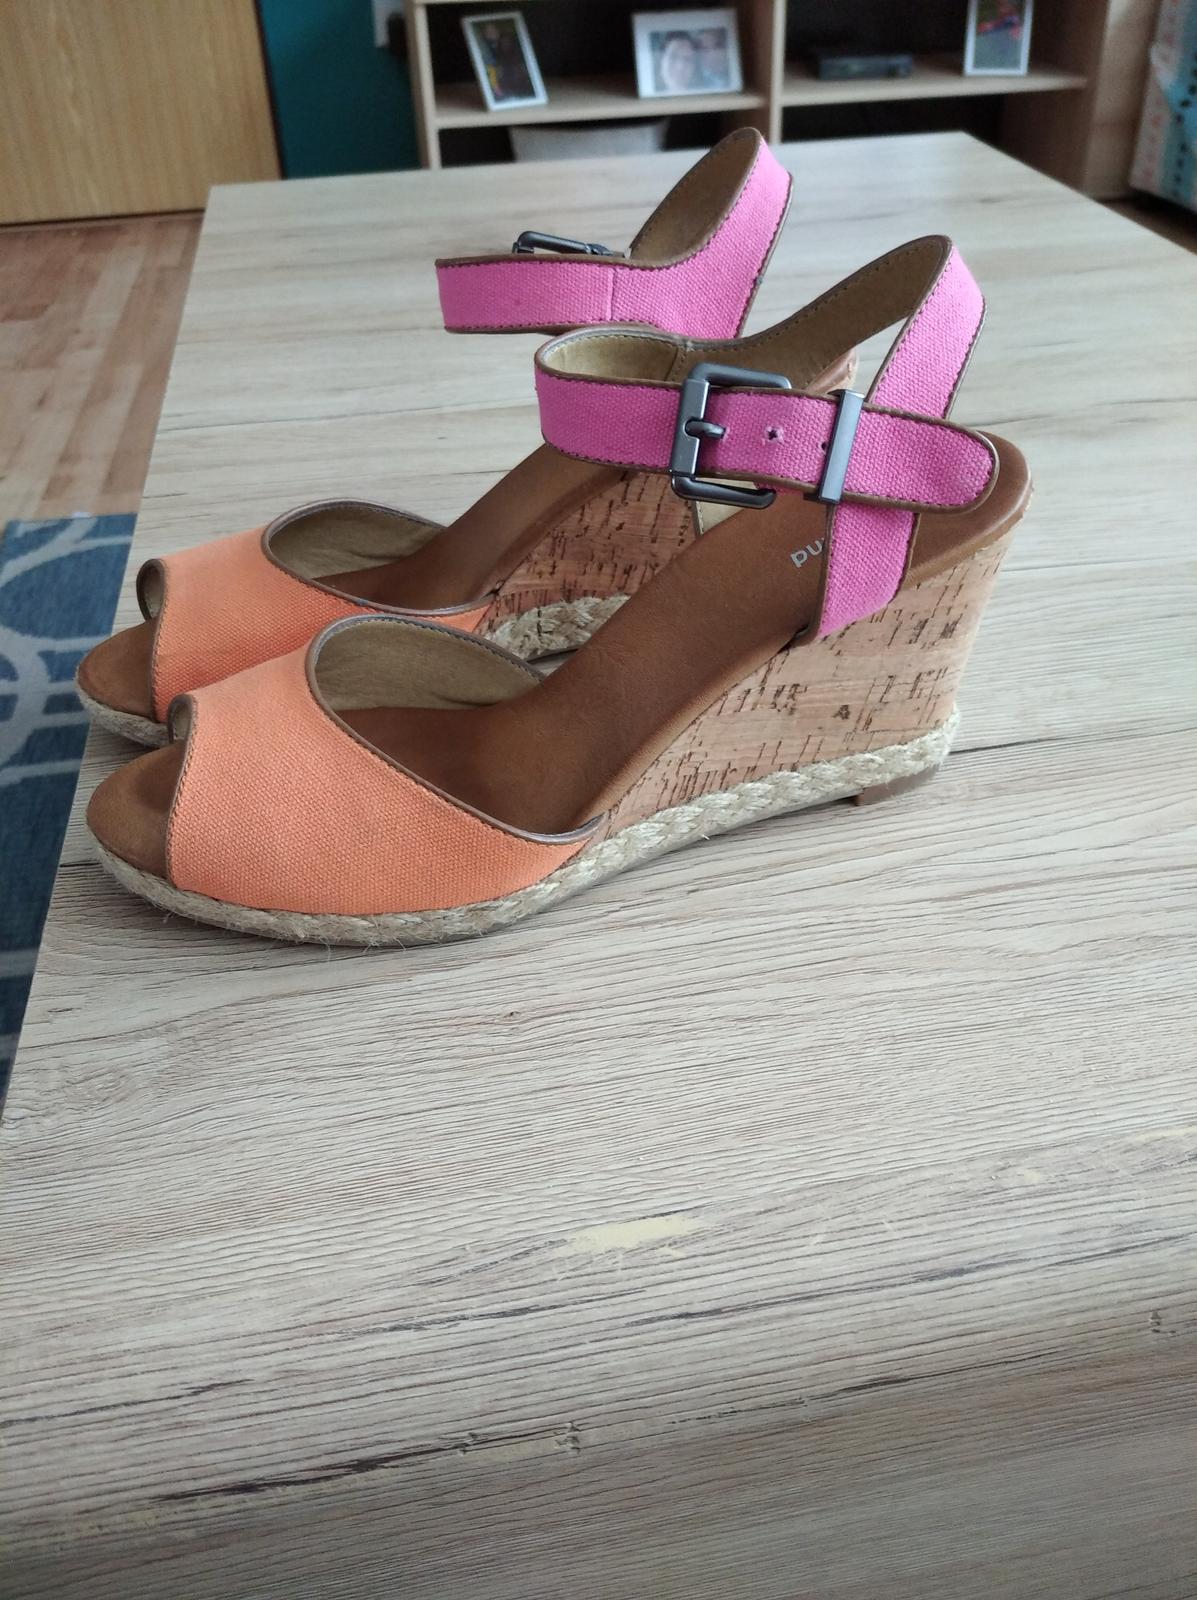 Dámske sandále veľkosť 41 - Obrázok č. 1